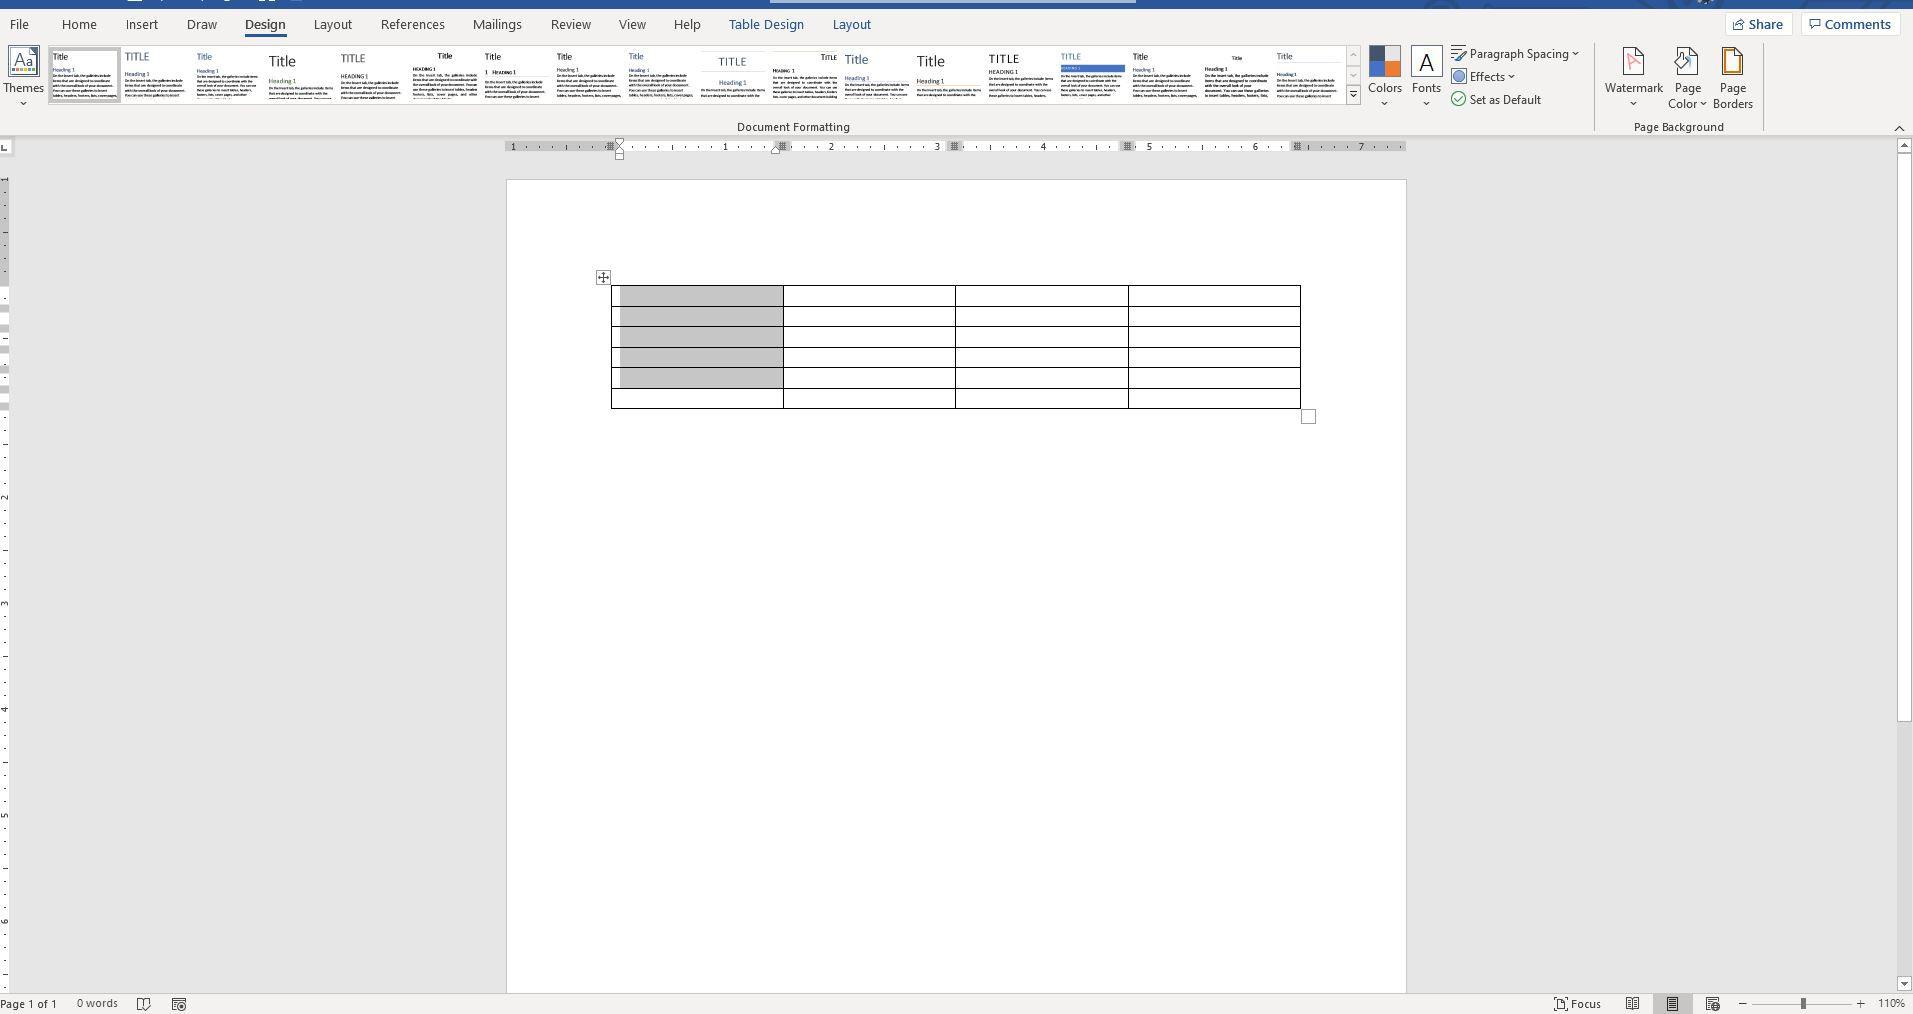 Screenshot of Design tab